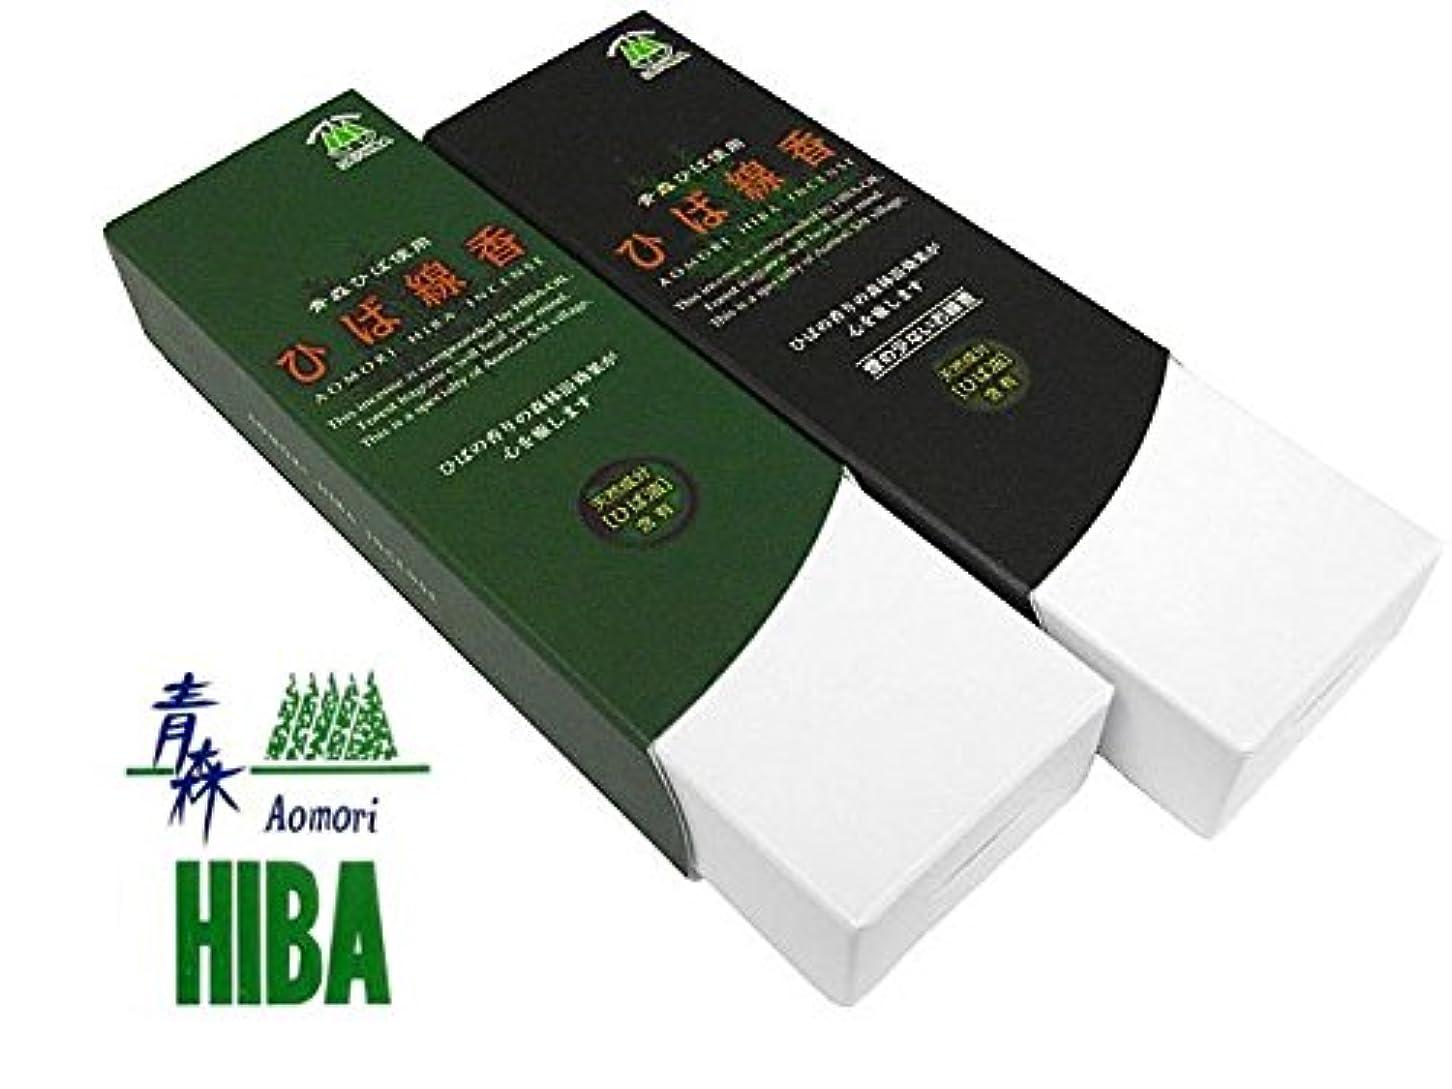 ペルセウスコミット余裕がある青森ひば 青森ヒバのお 黒と緑のお手軽サイズ2箱セット 天然ひば製油配合の清々しい木の香り